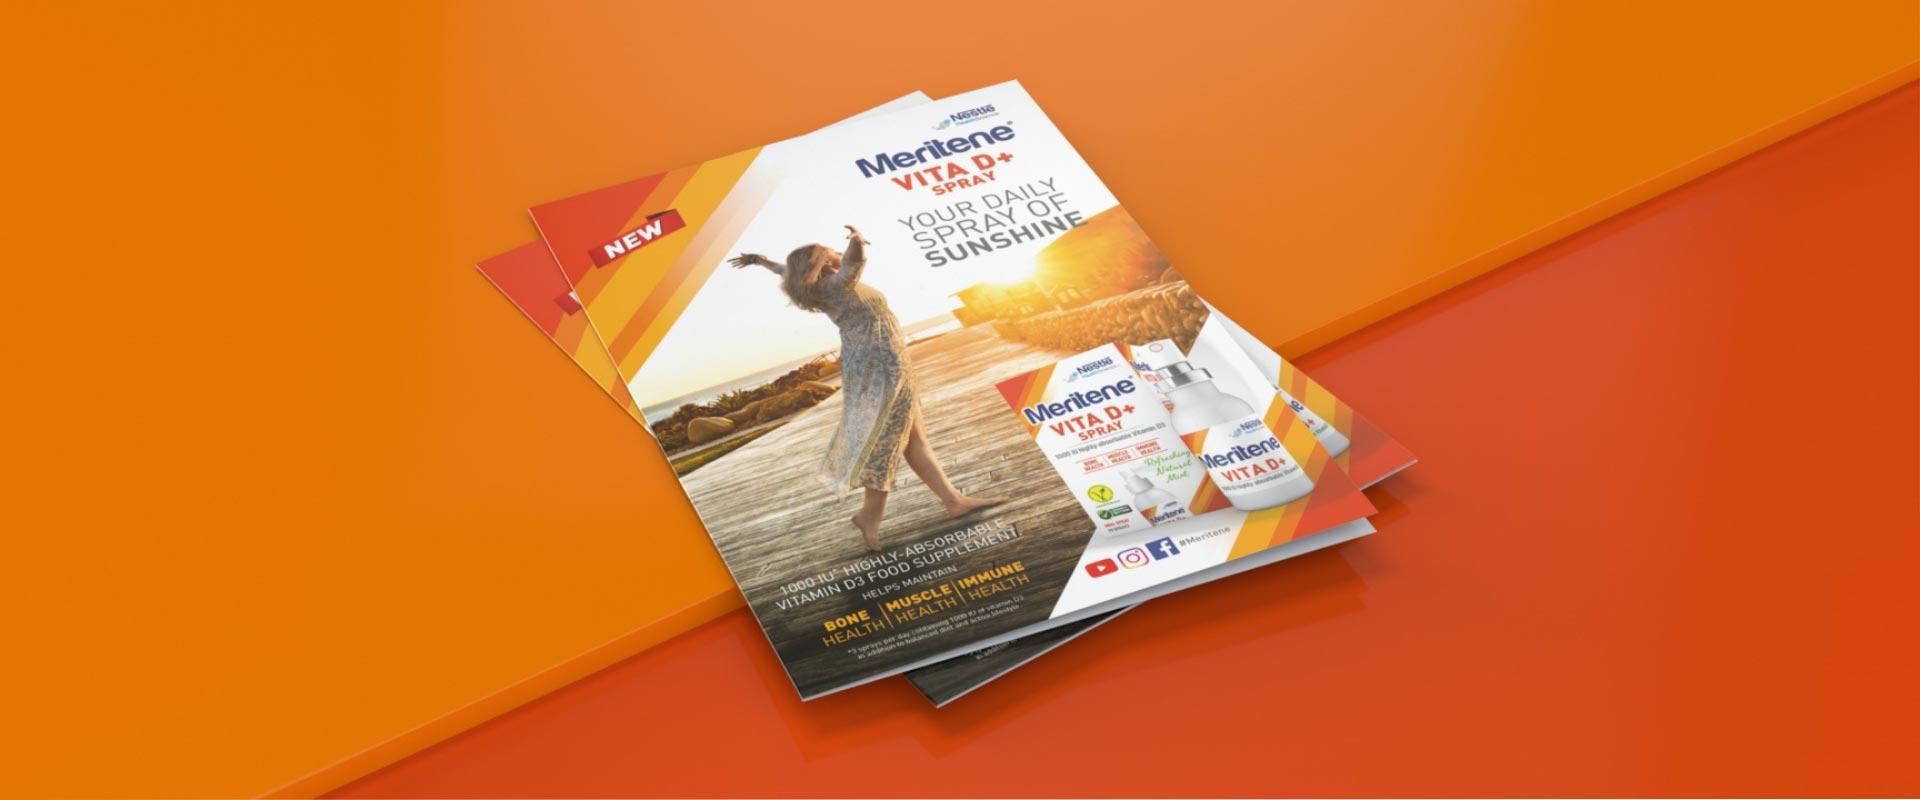 Vita D+ Nestlé Health Science toolkit comunicazione campagna internazionale lancio integratore